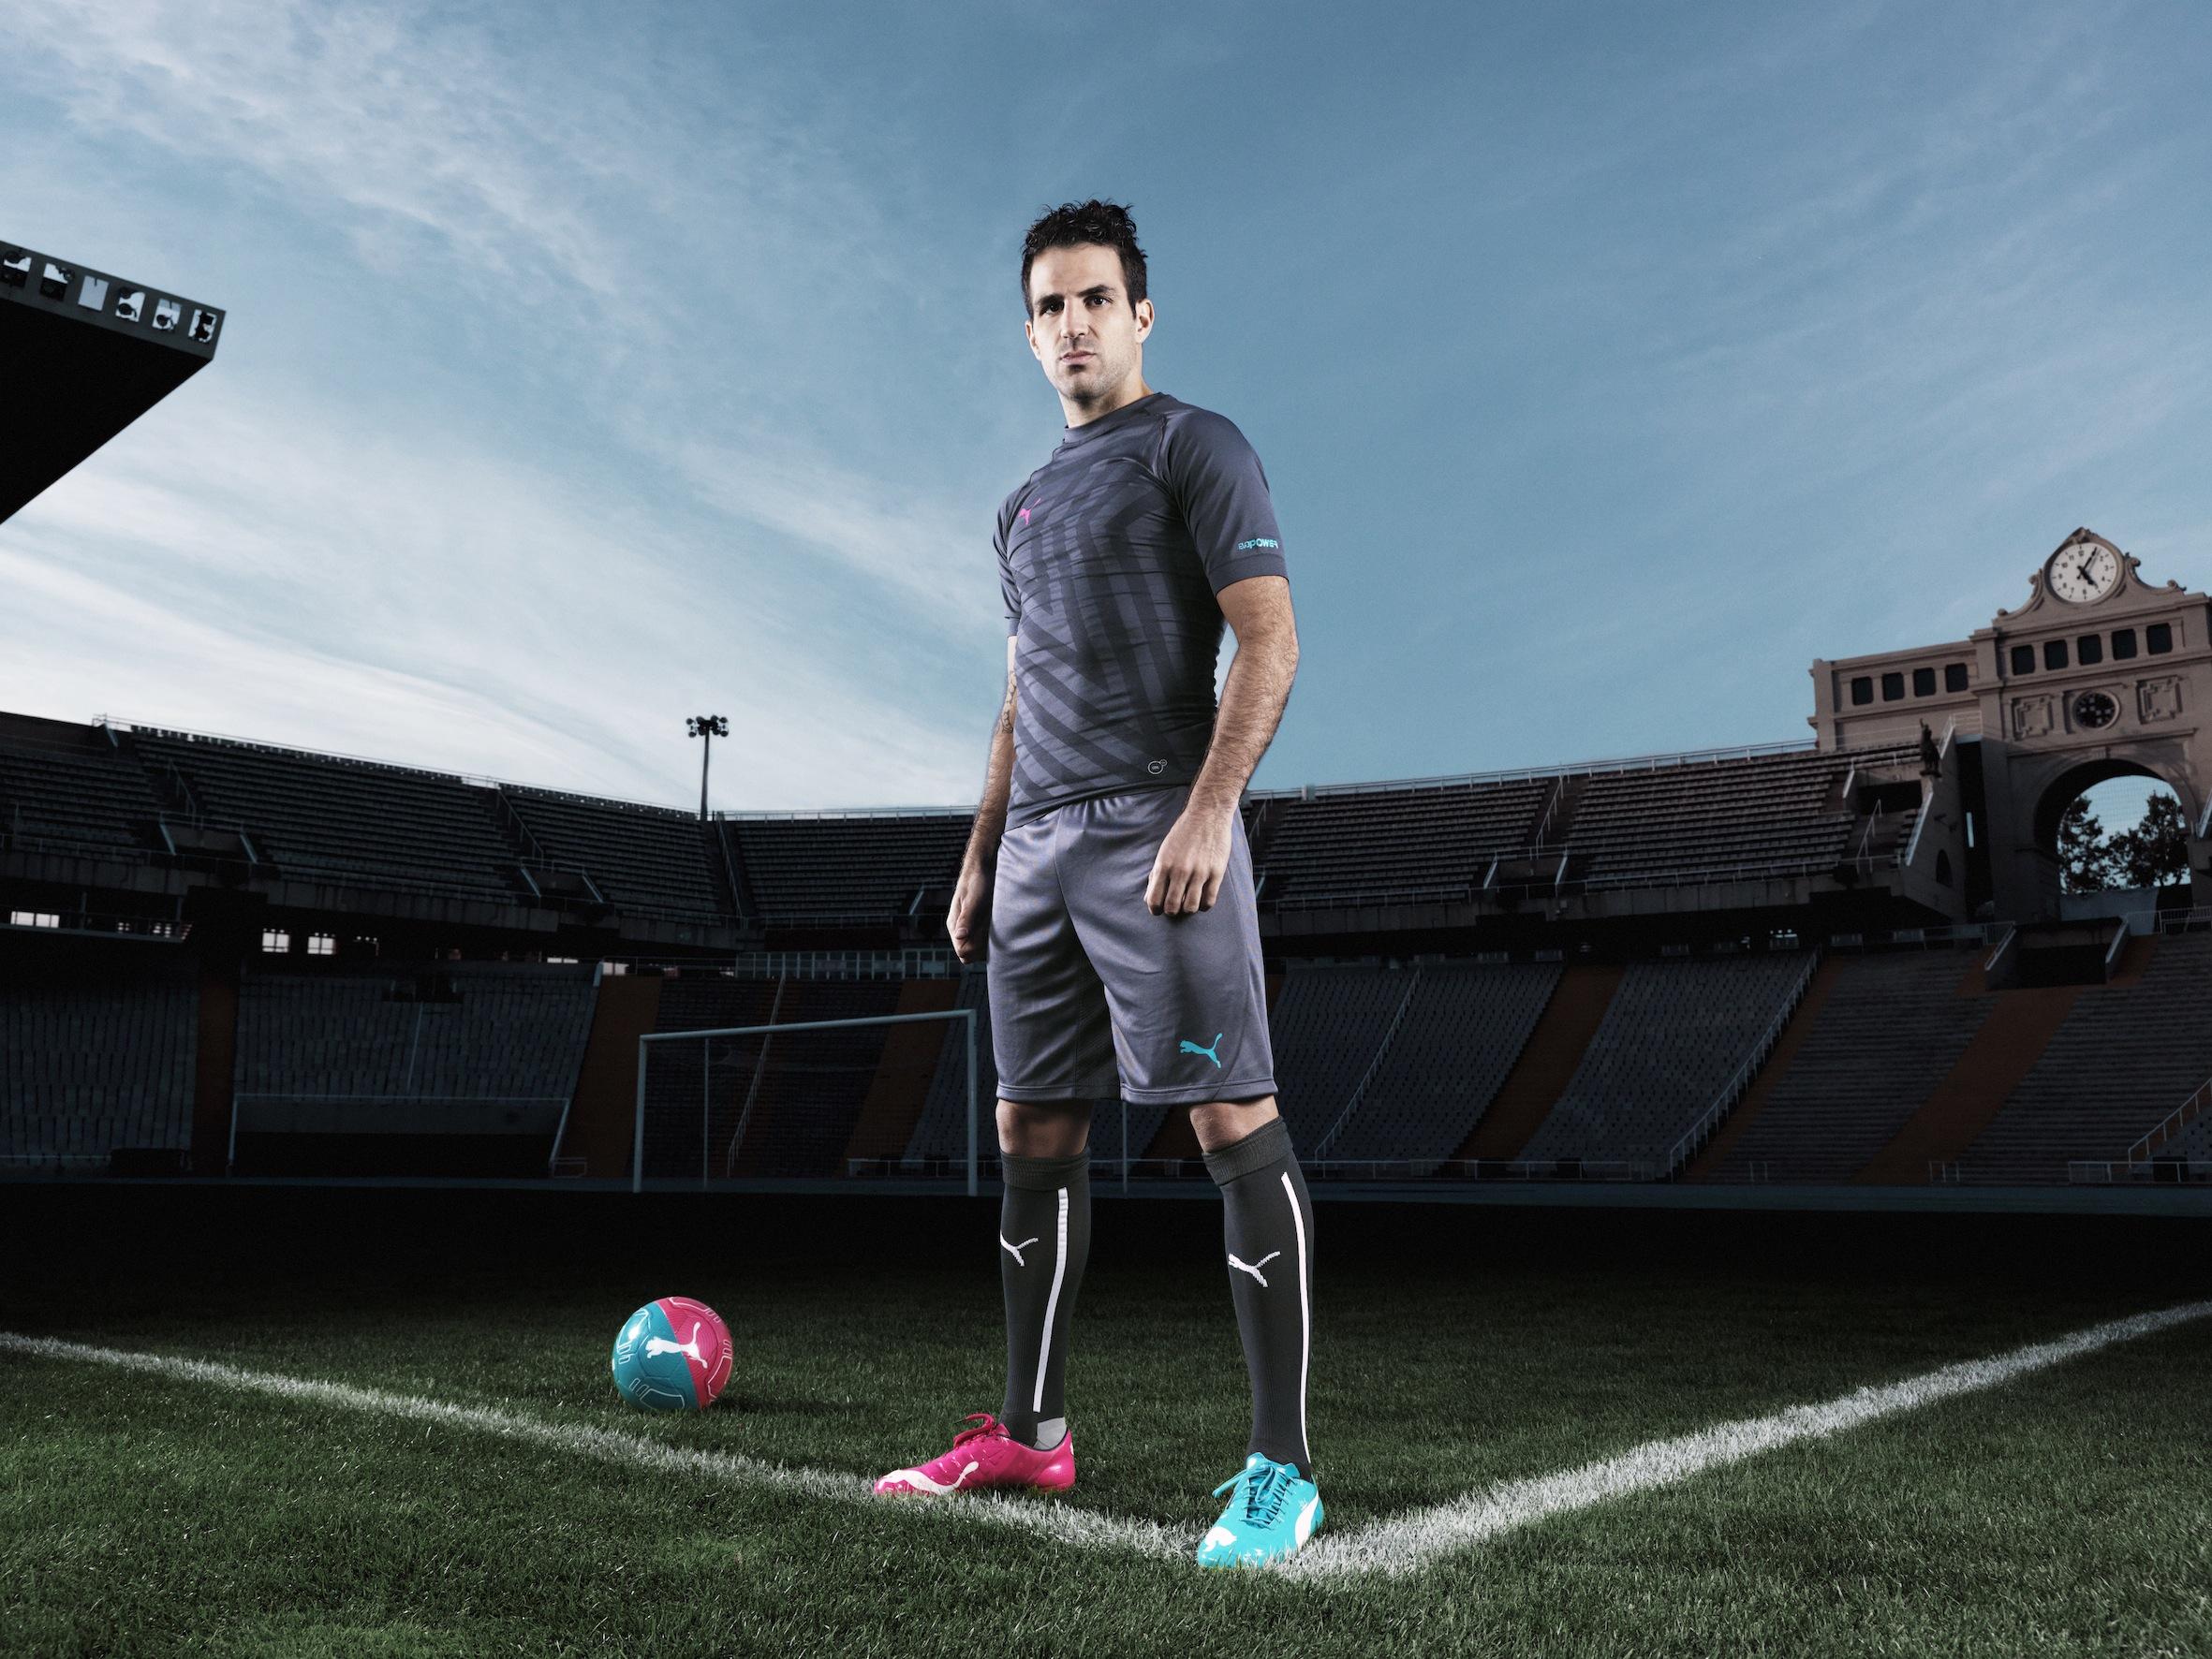 Spaniens Mittelfeldspieler Cesc Fàbregas mit den neuen PUMA evoPOWER Tricks.jpg